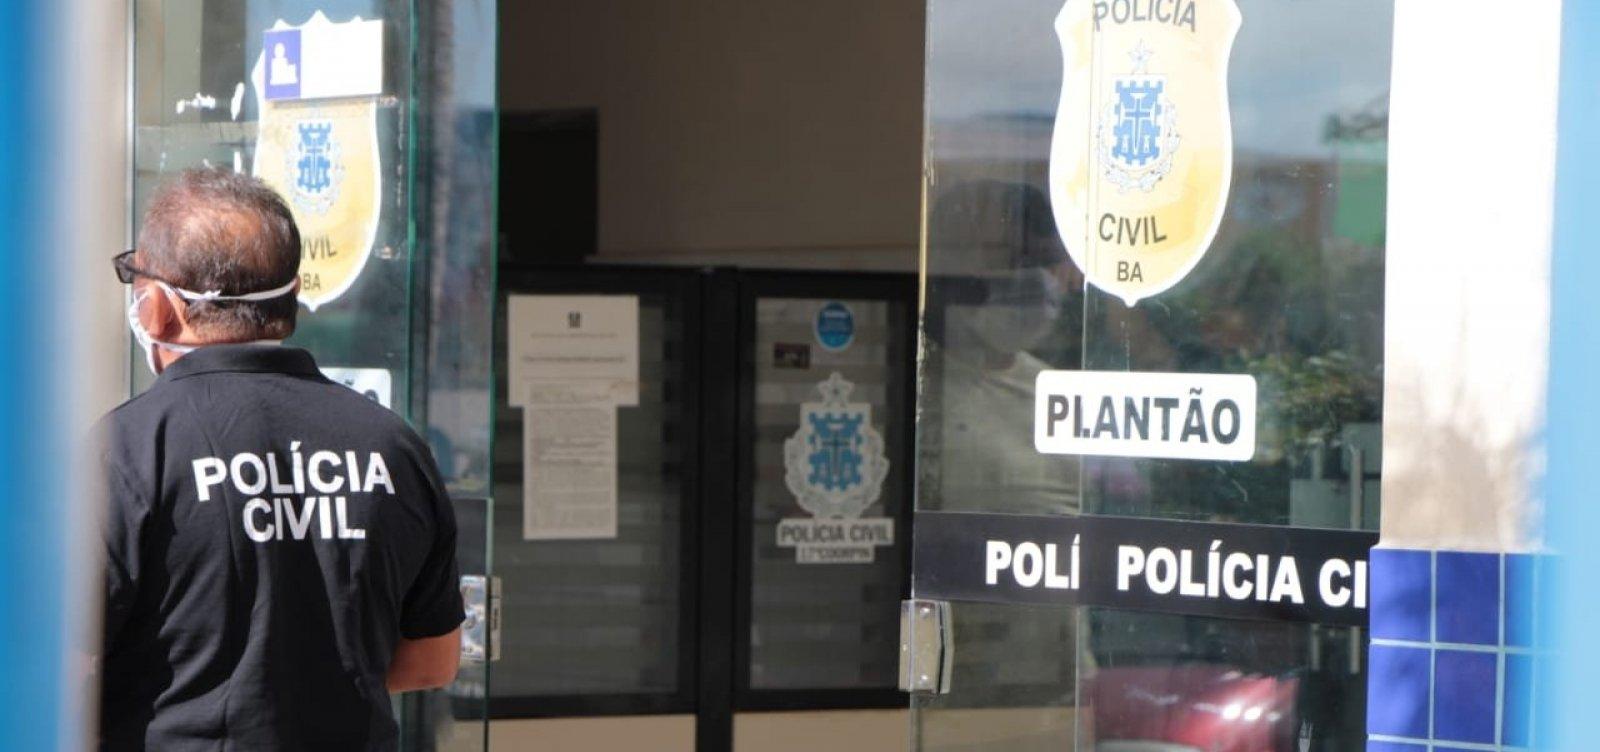 Acusado de homicídio de rival e assalto a banco, homem é preso em Juazeiro